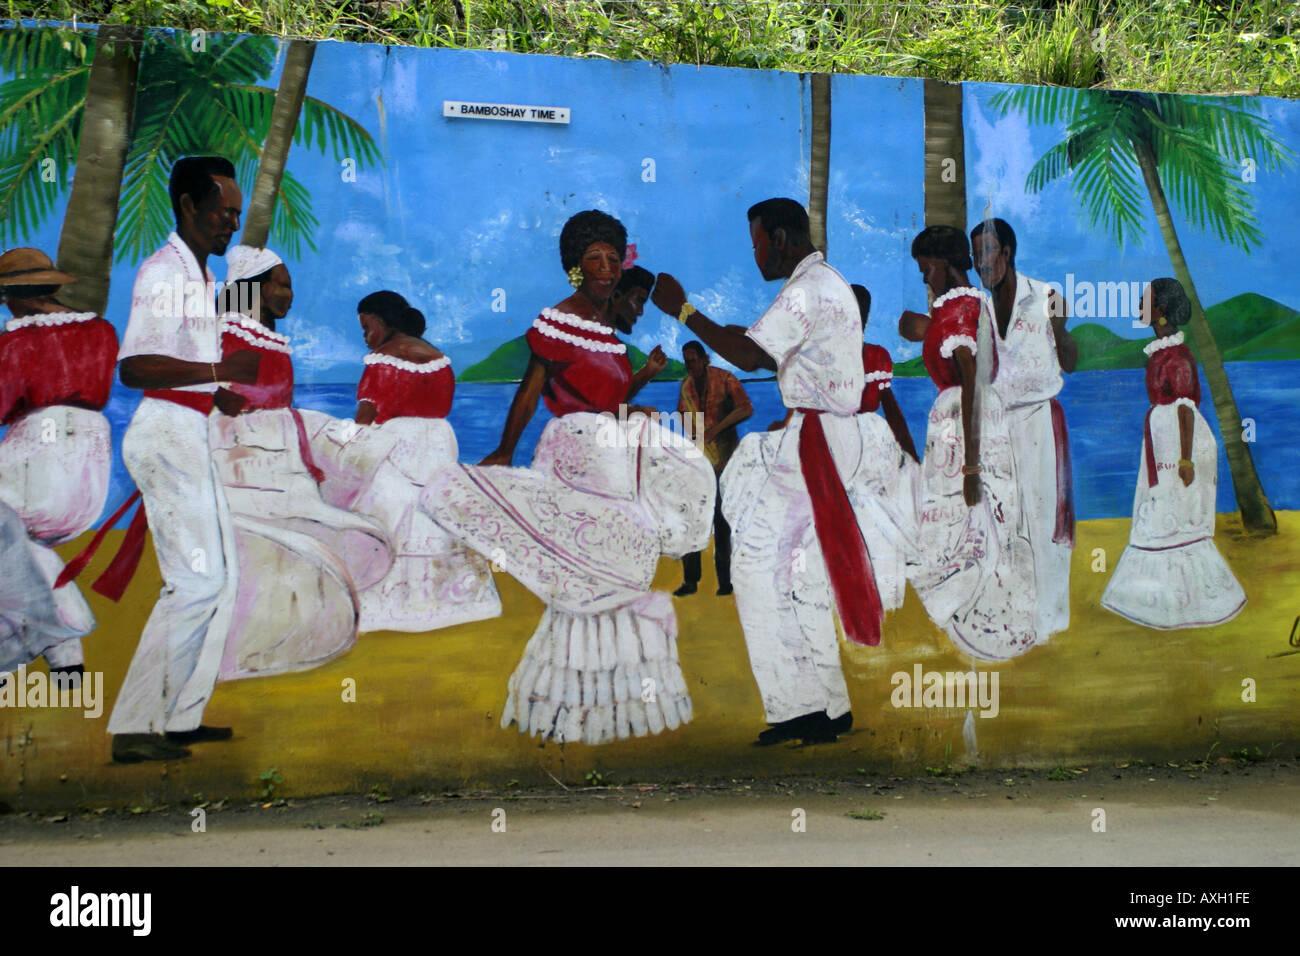 British Virgin islands Tortola Roadside mural - Stock Image